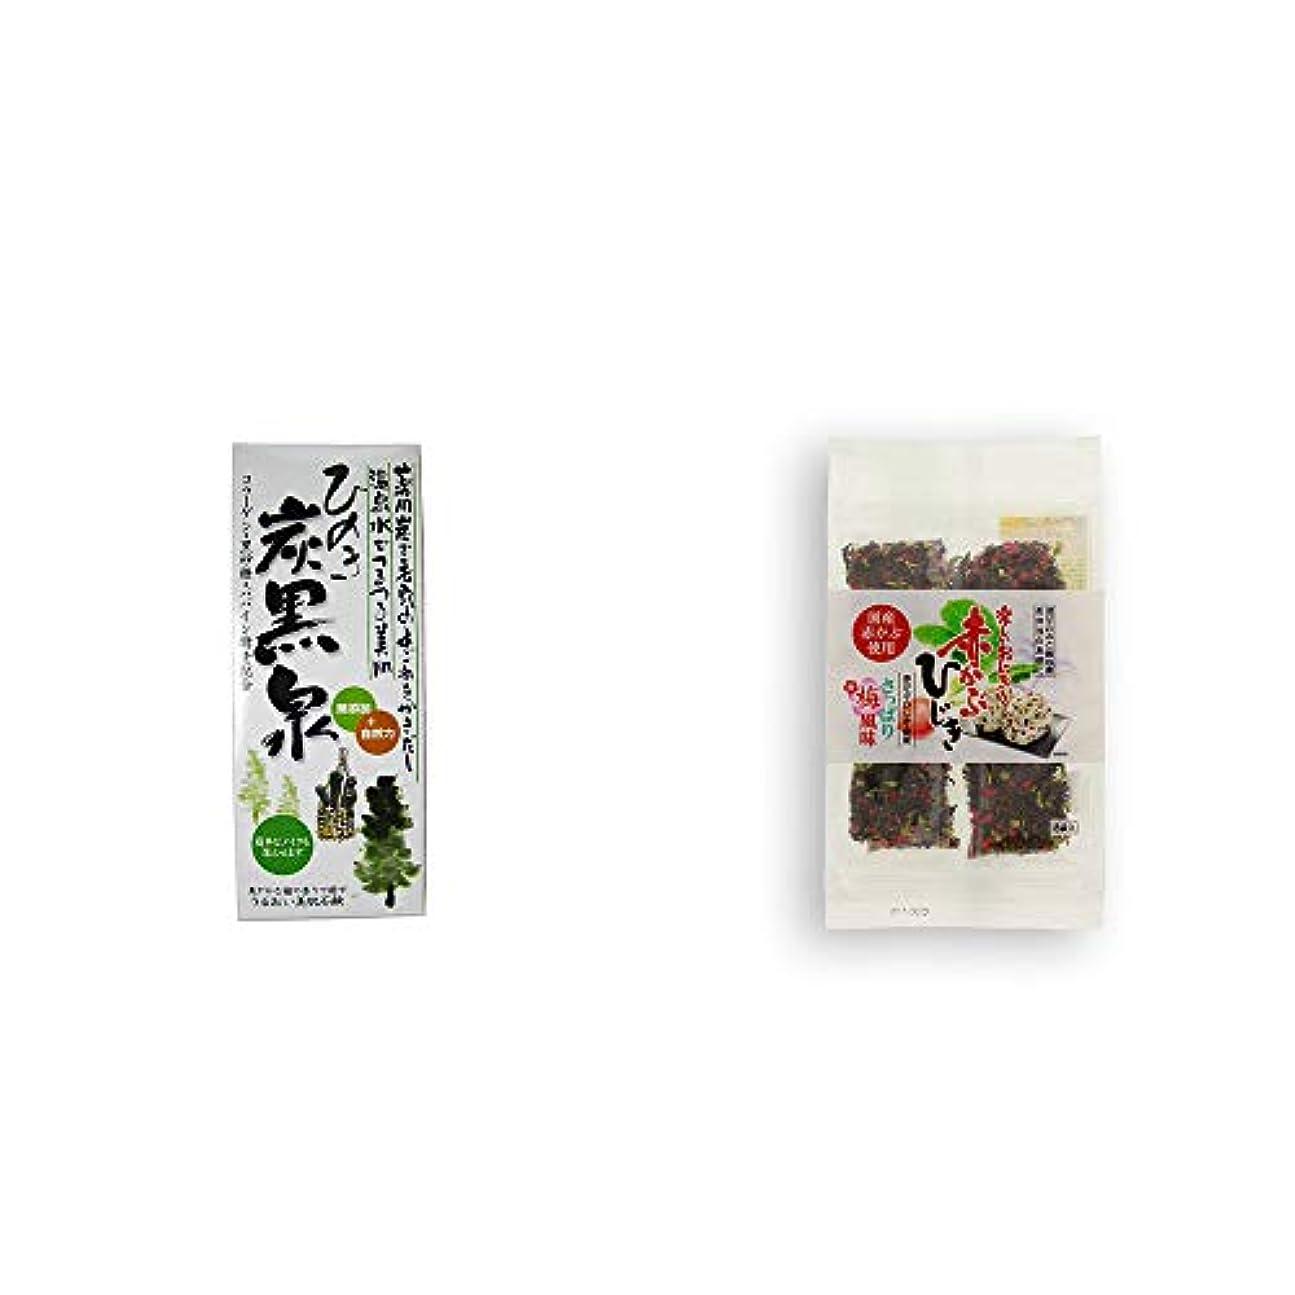 コンプリート利益情報[2点セット] ひのき炭黒泉 箱入り(75g×3)?楽しいおにぎり 赤かぶひじき(8g×8袋)